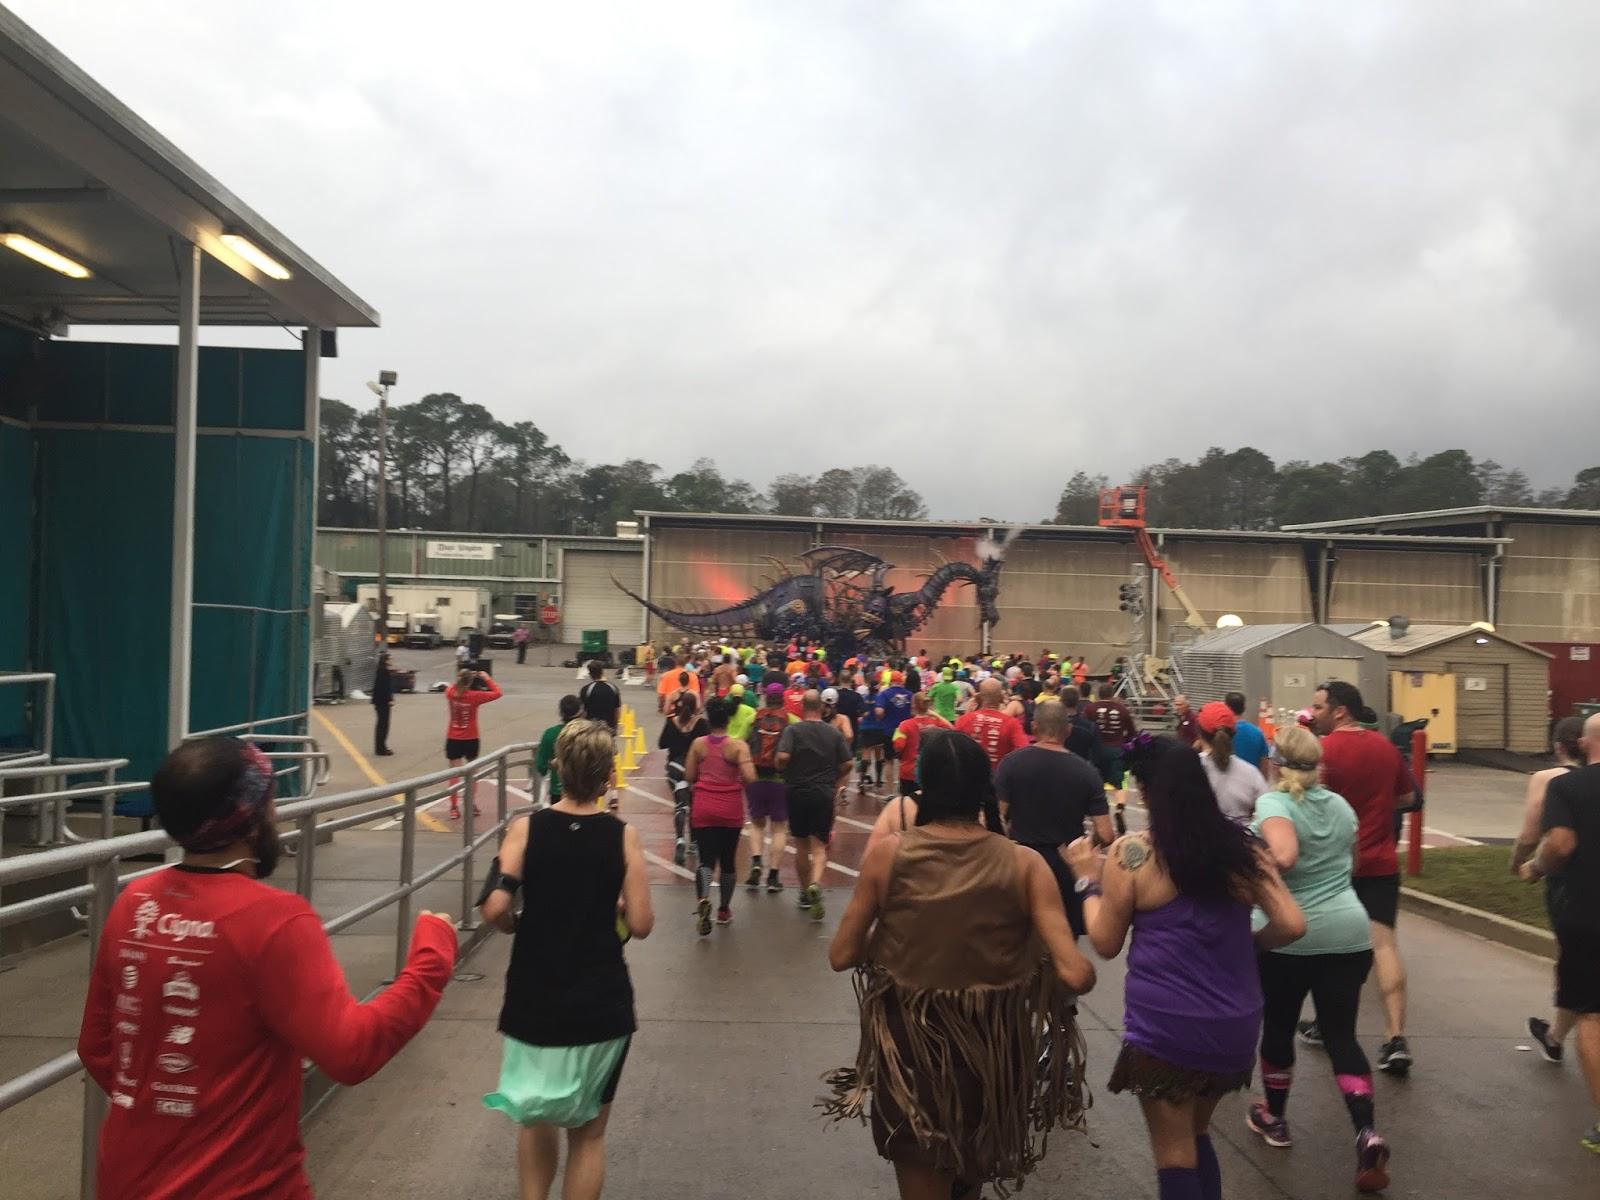 Dopey Challenge Mickey Marathon 2016 Running Maleficent as the dragon